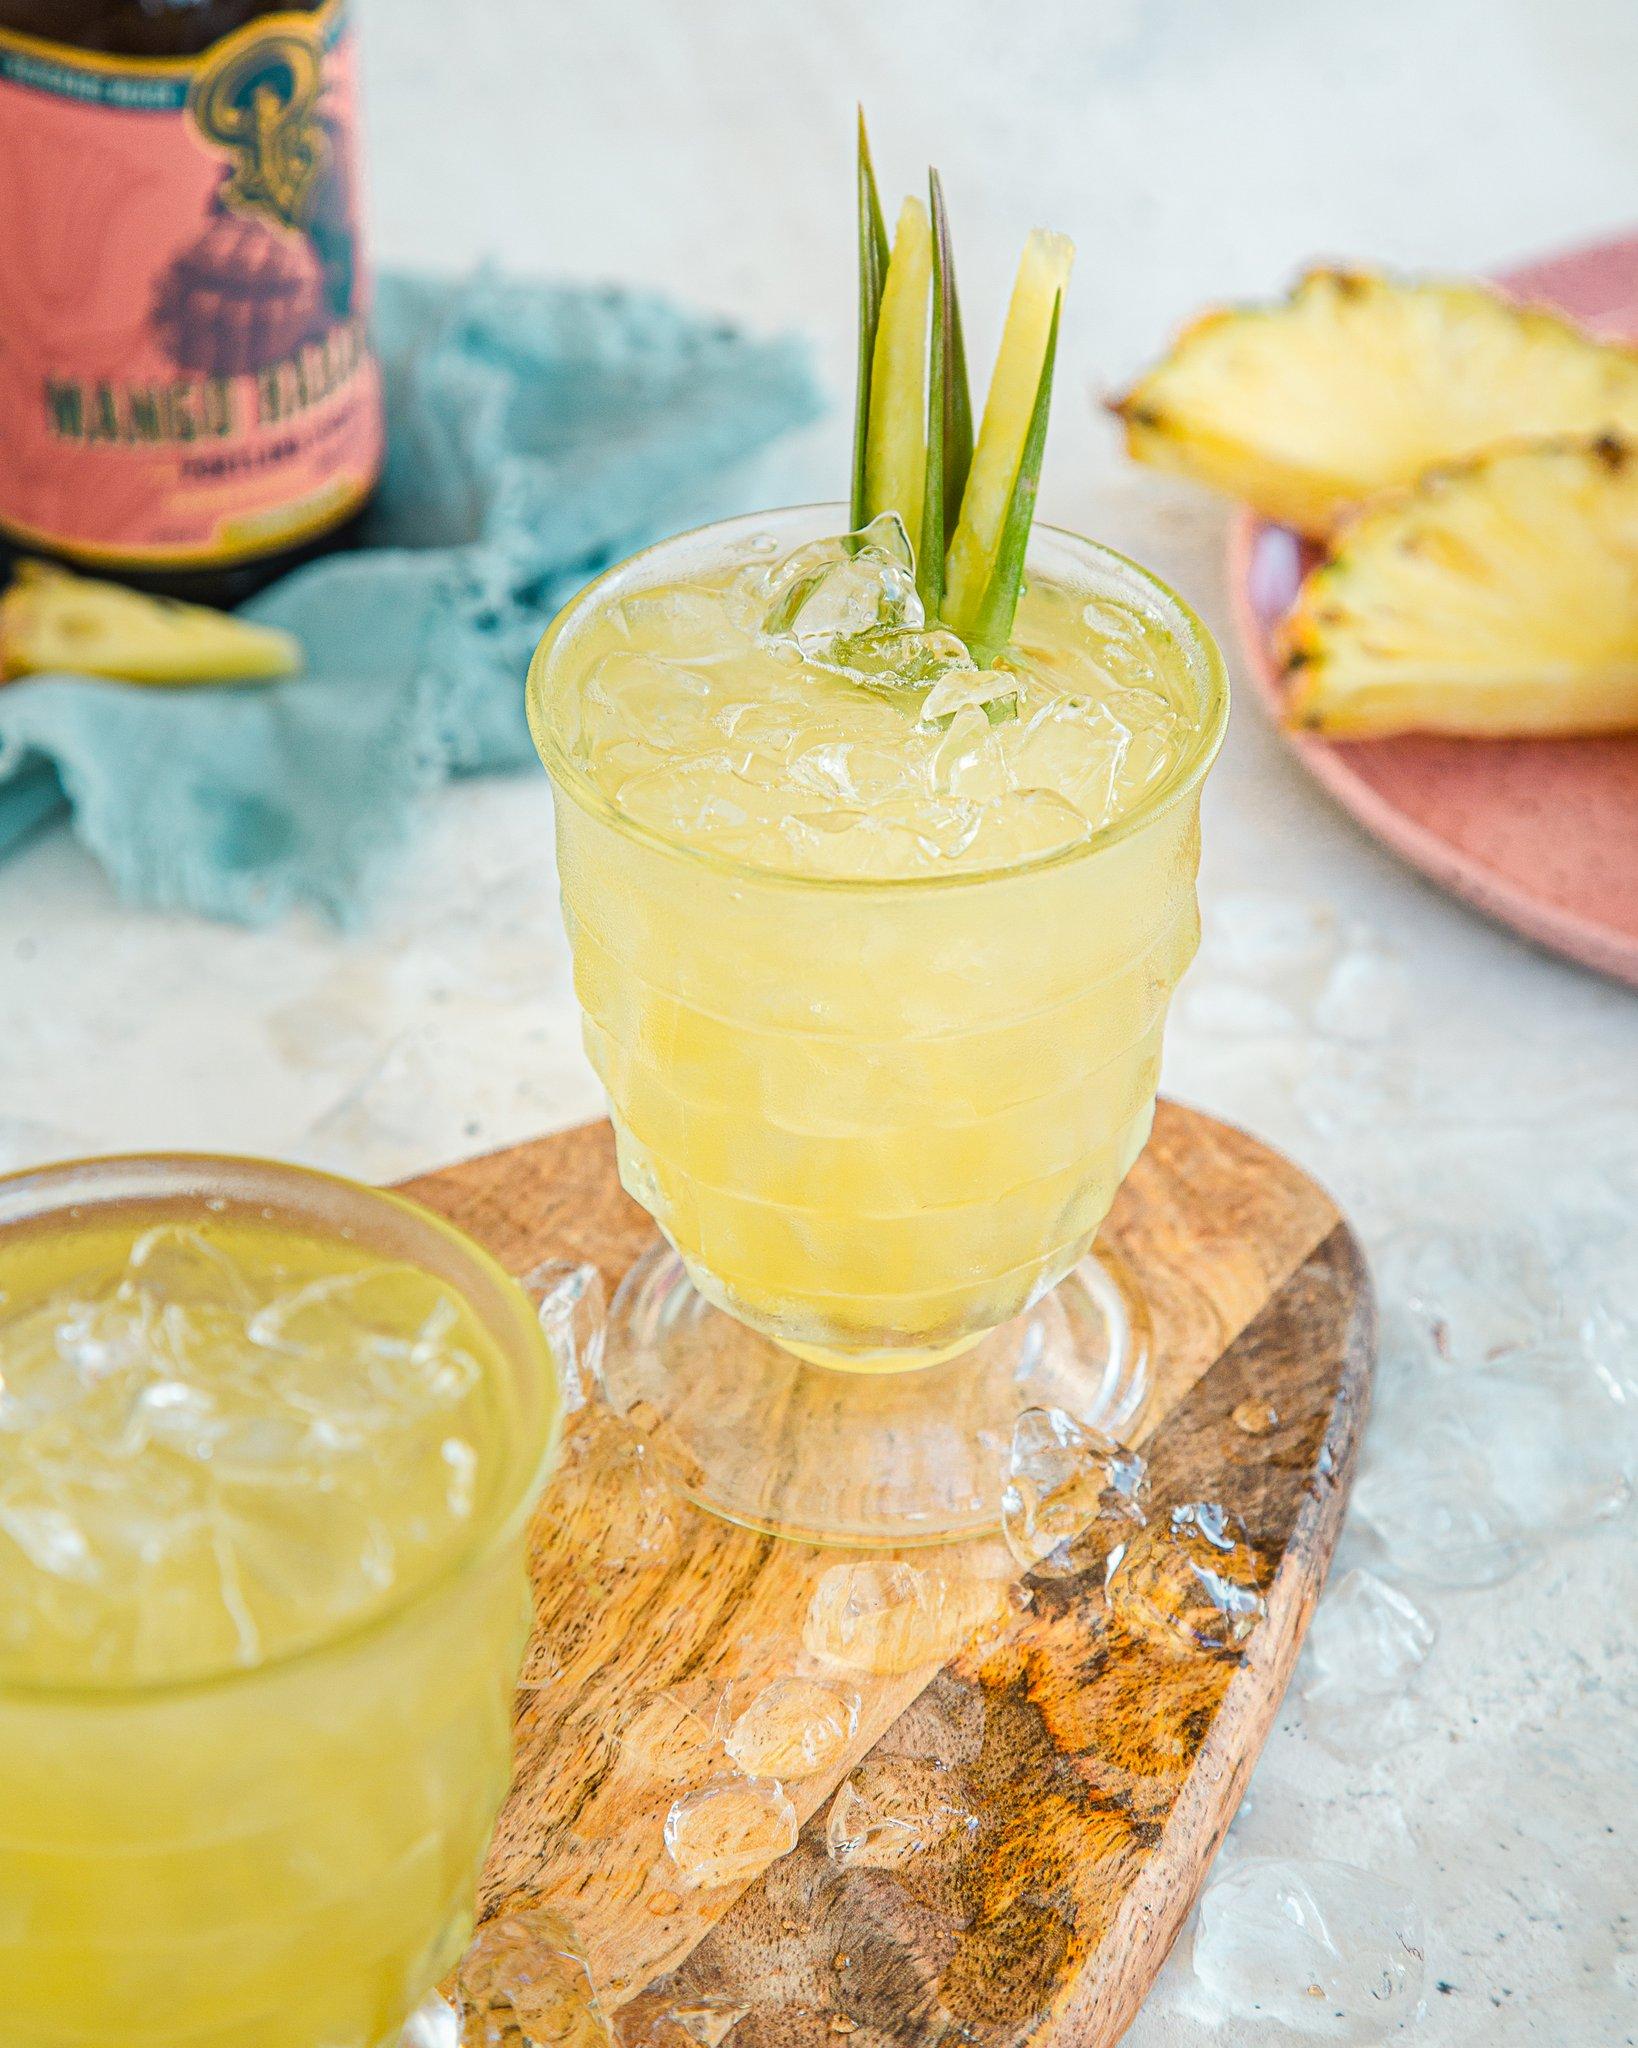 Mango Habanero : Cocktail & Soda Syrup, 12oz